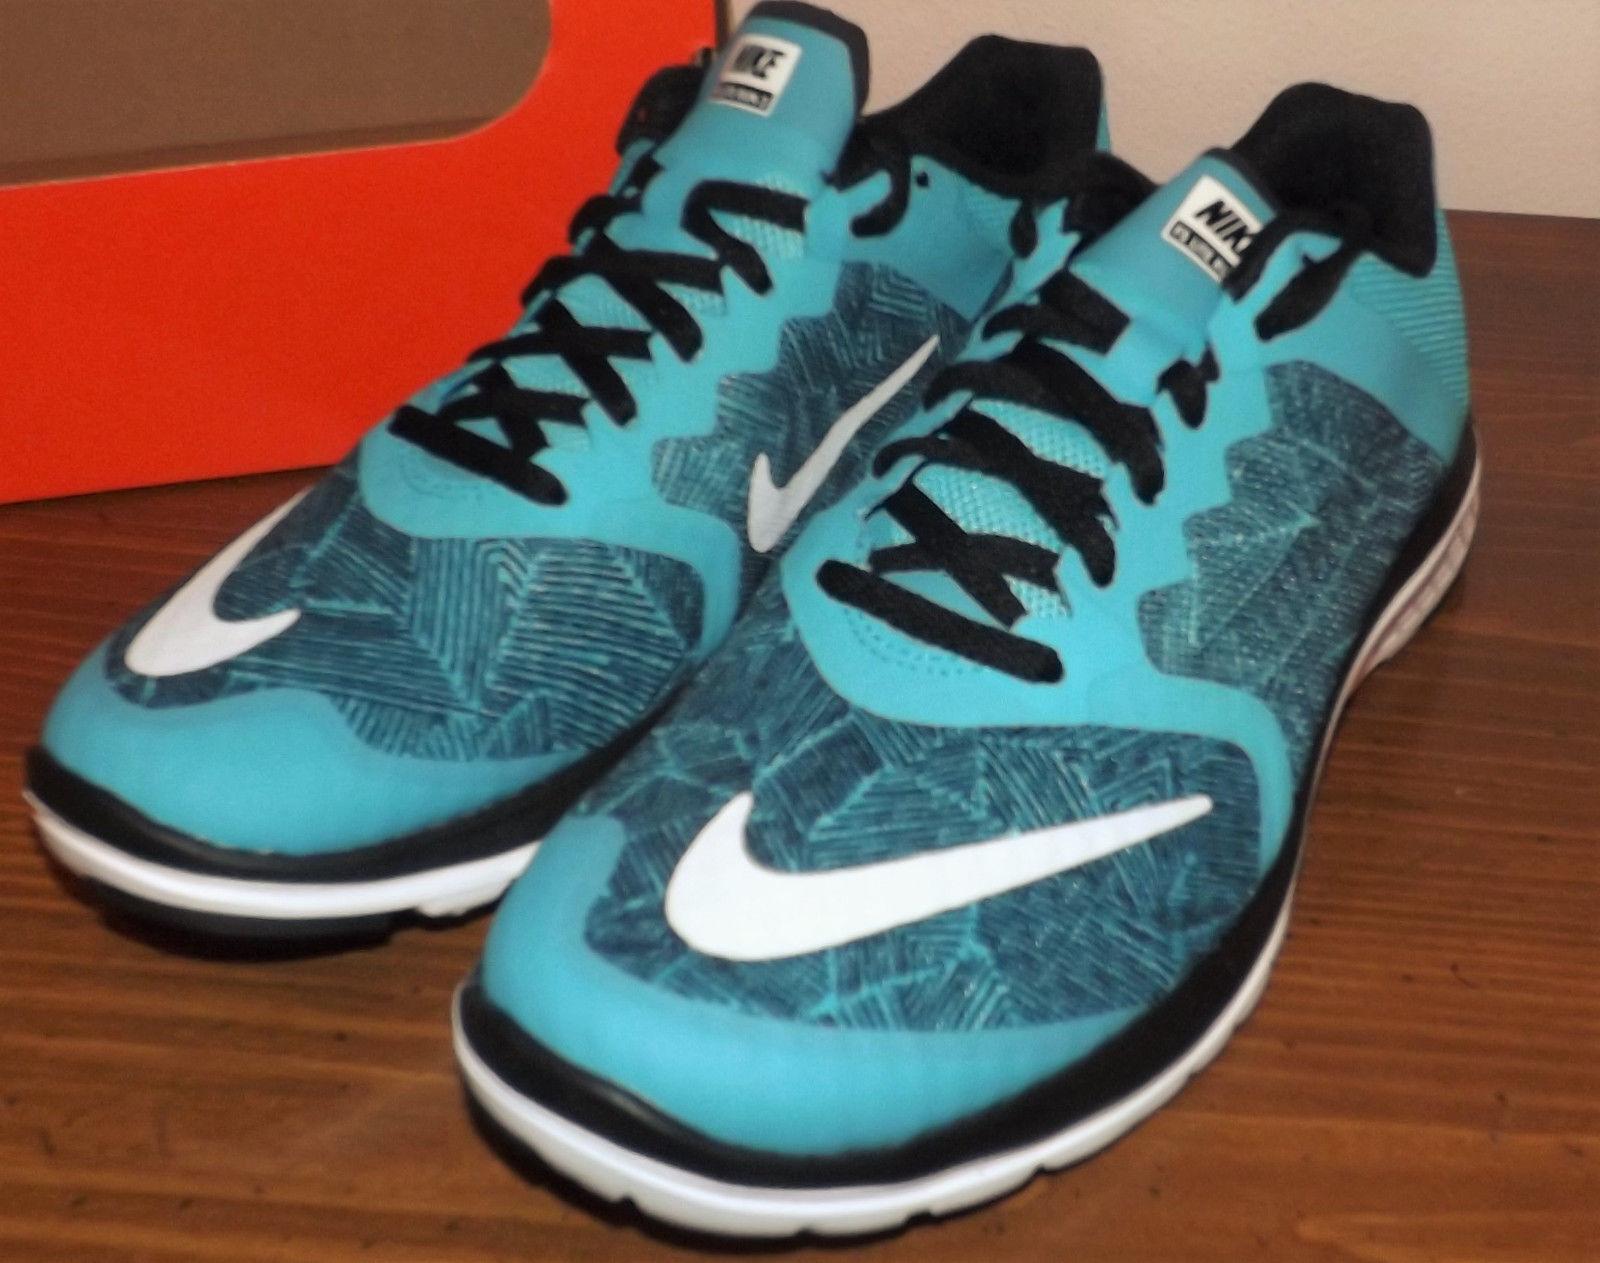 Nike flex fury 2 light blue and scarpe nero donne nuove scarpe and da corsa misura 7,5 6b5803